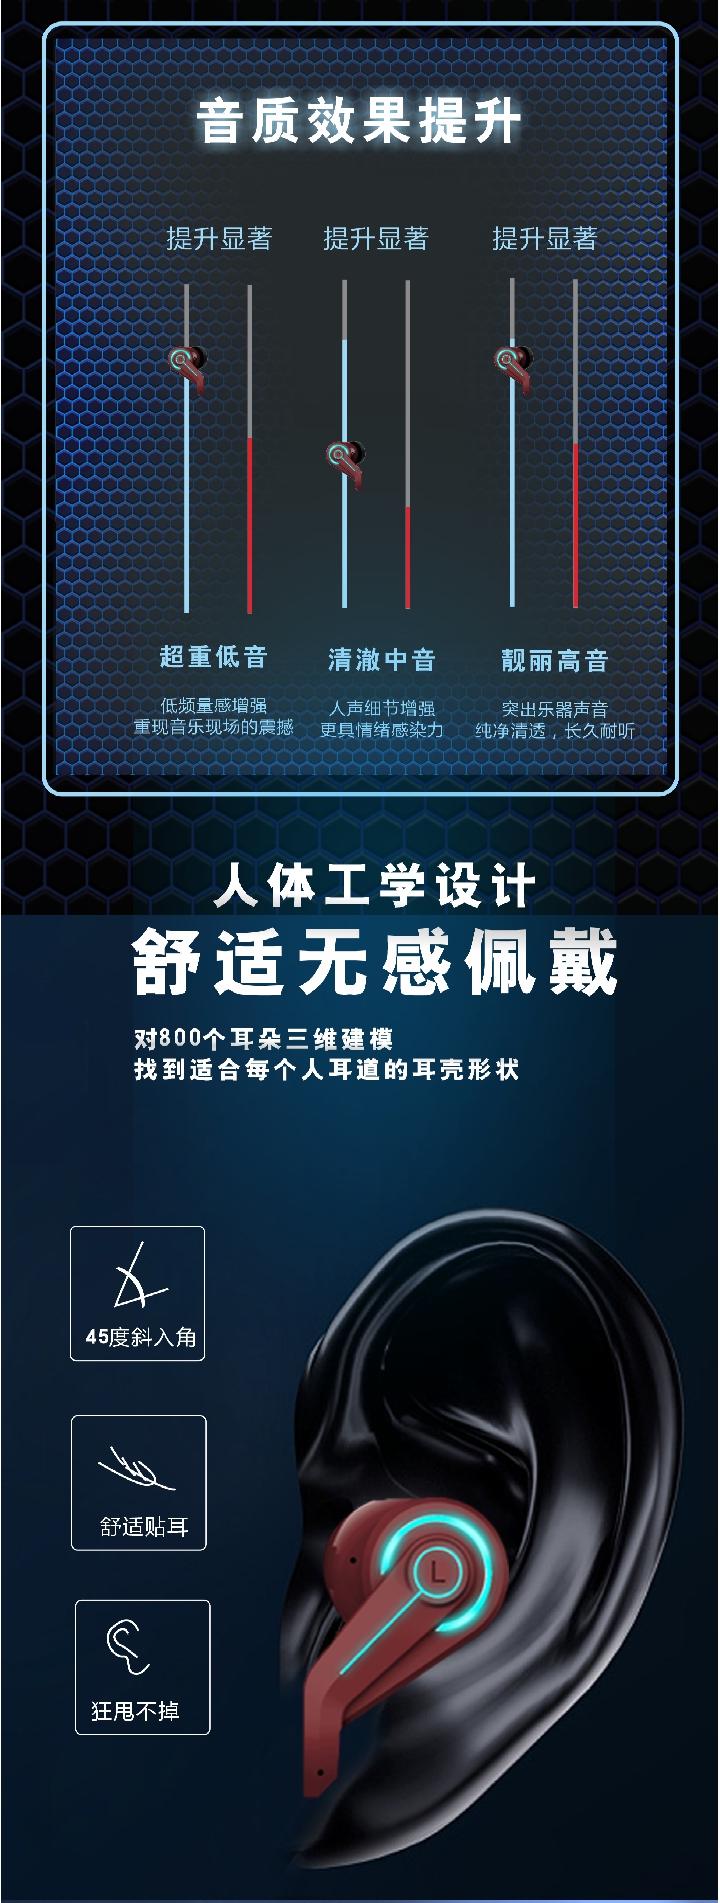 芯果TWS10游戏机免费试用,评测